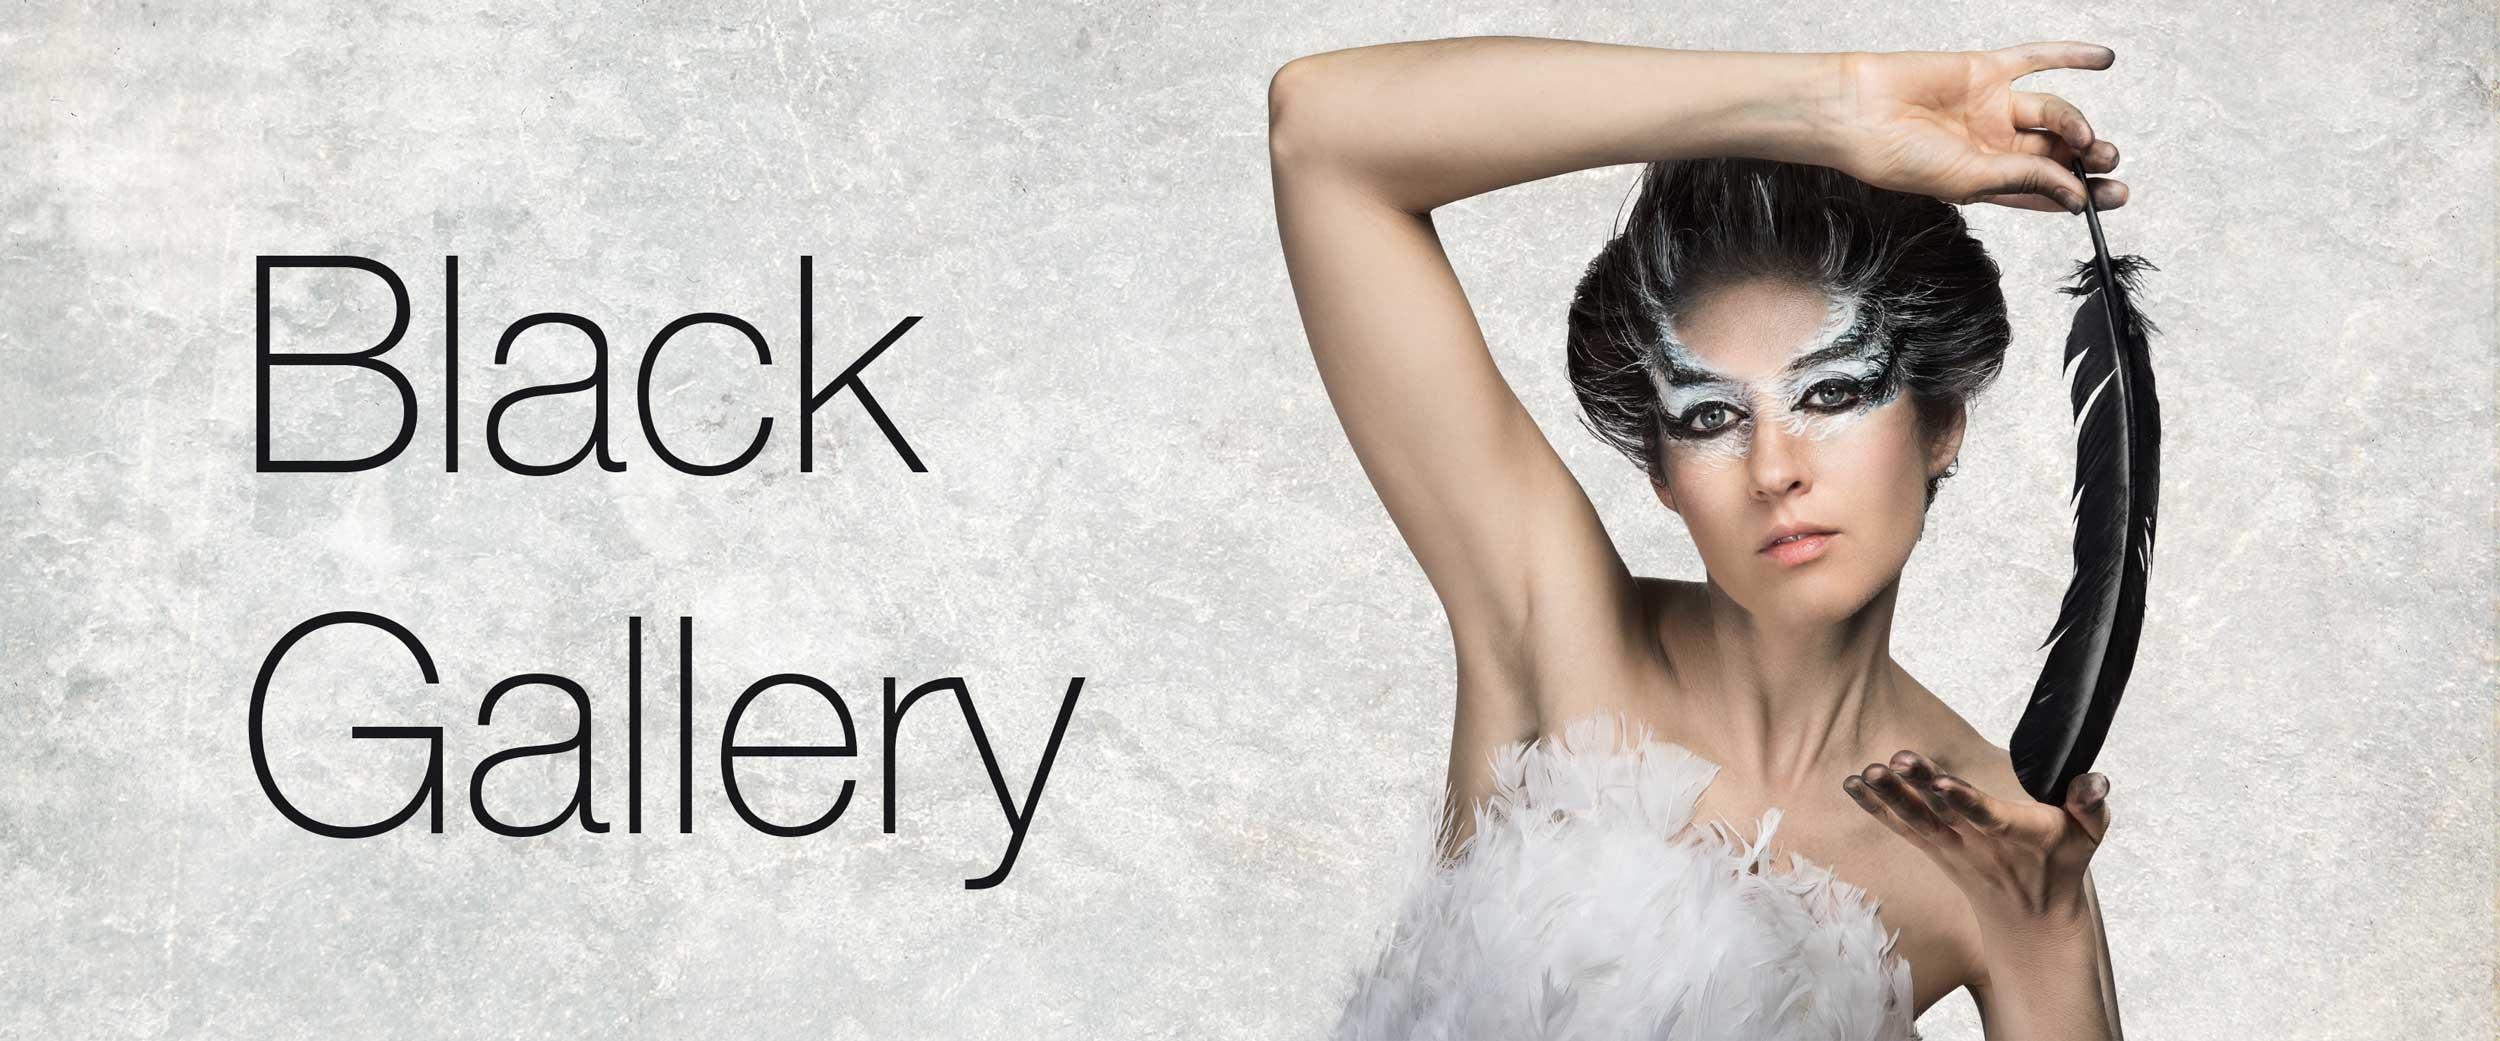 Laüra Hollick's Black Gallery